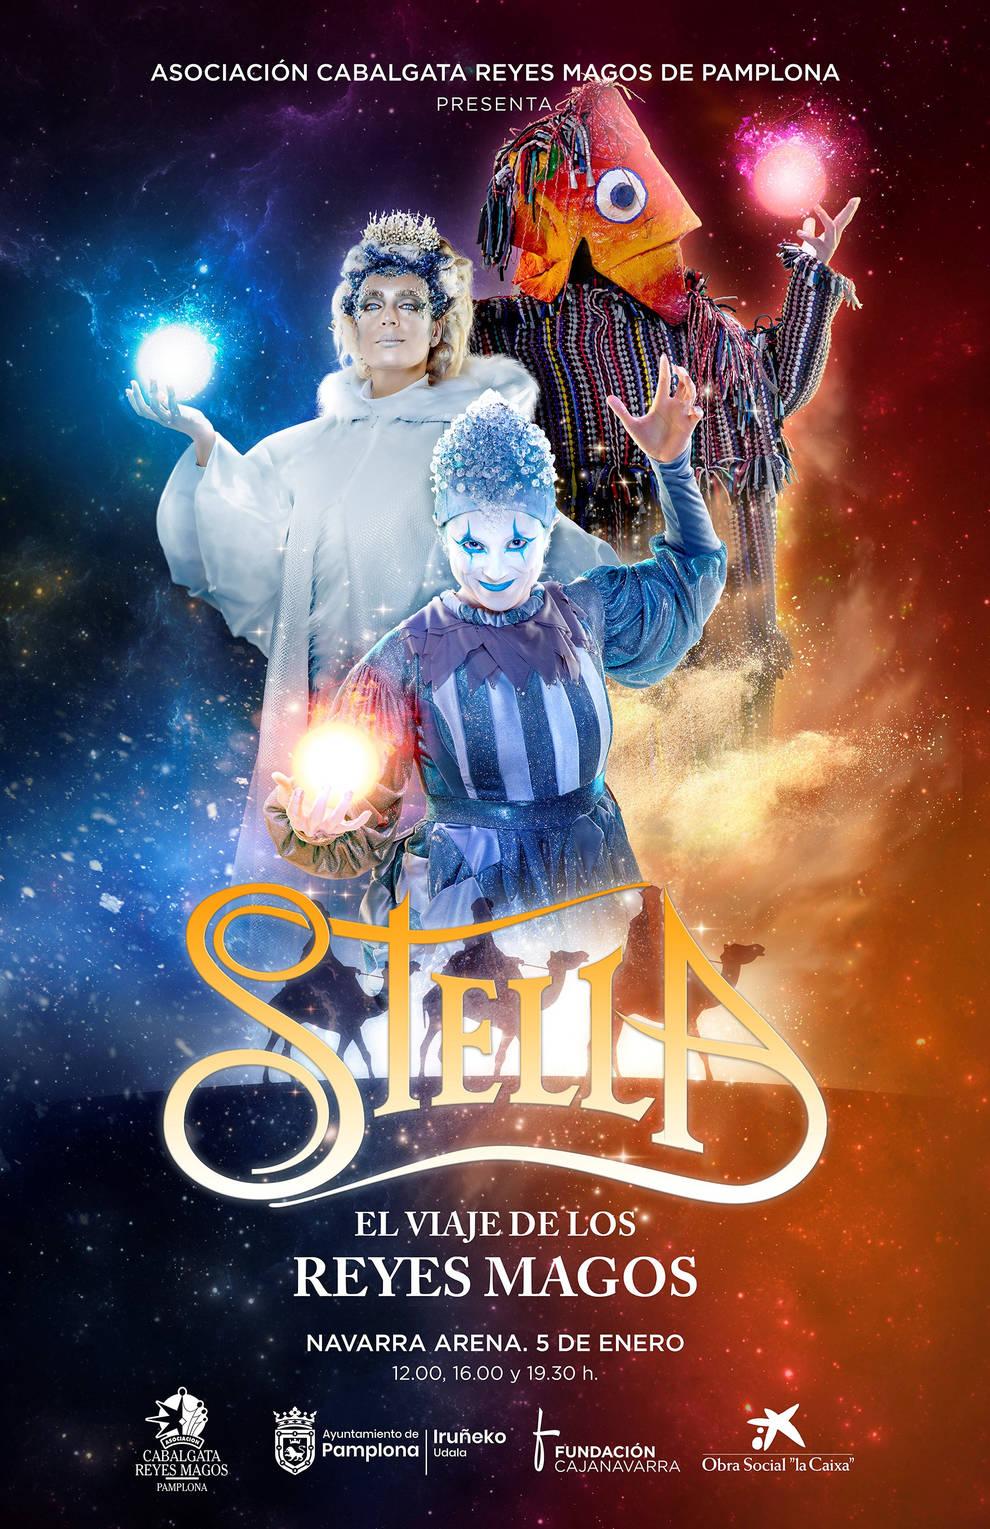 Agotadas las entradas para el espectáculo de los Reyes Magos en el Navarra Arena